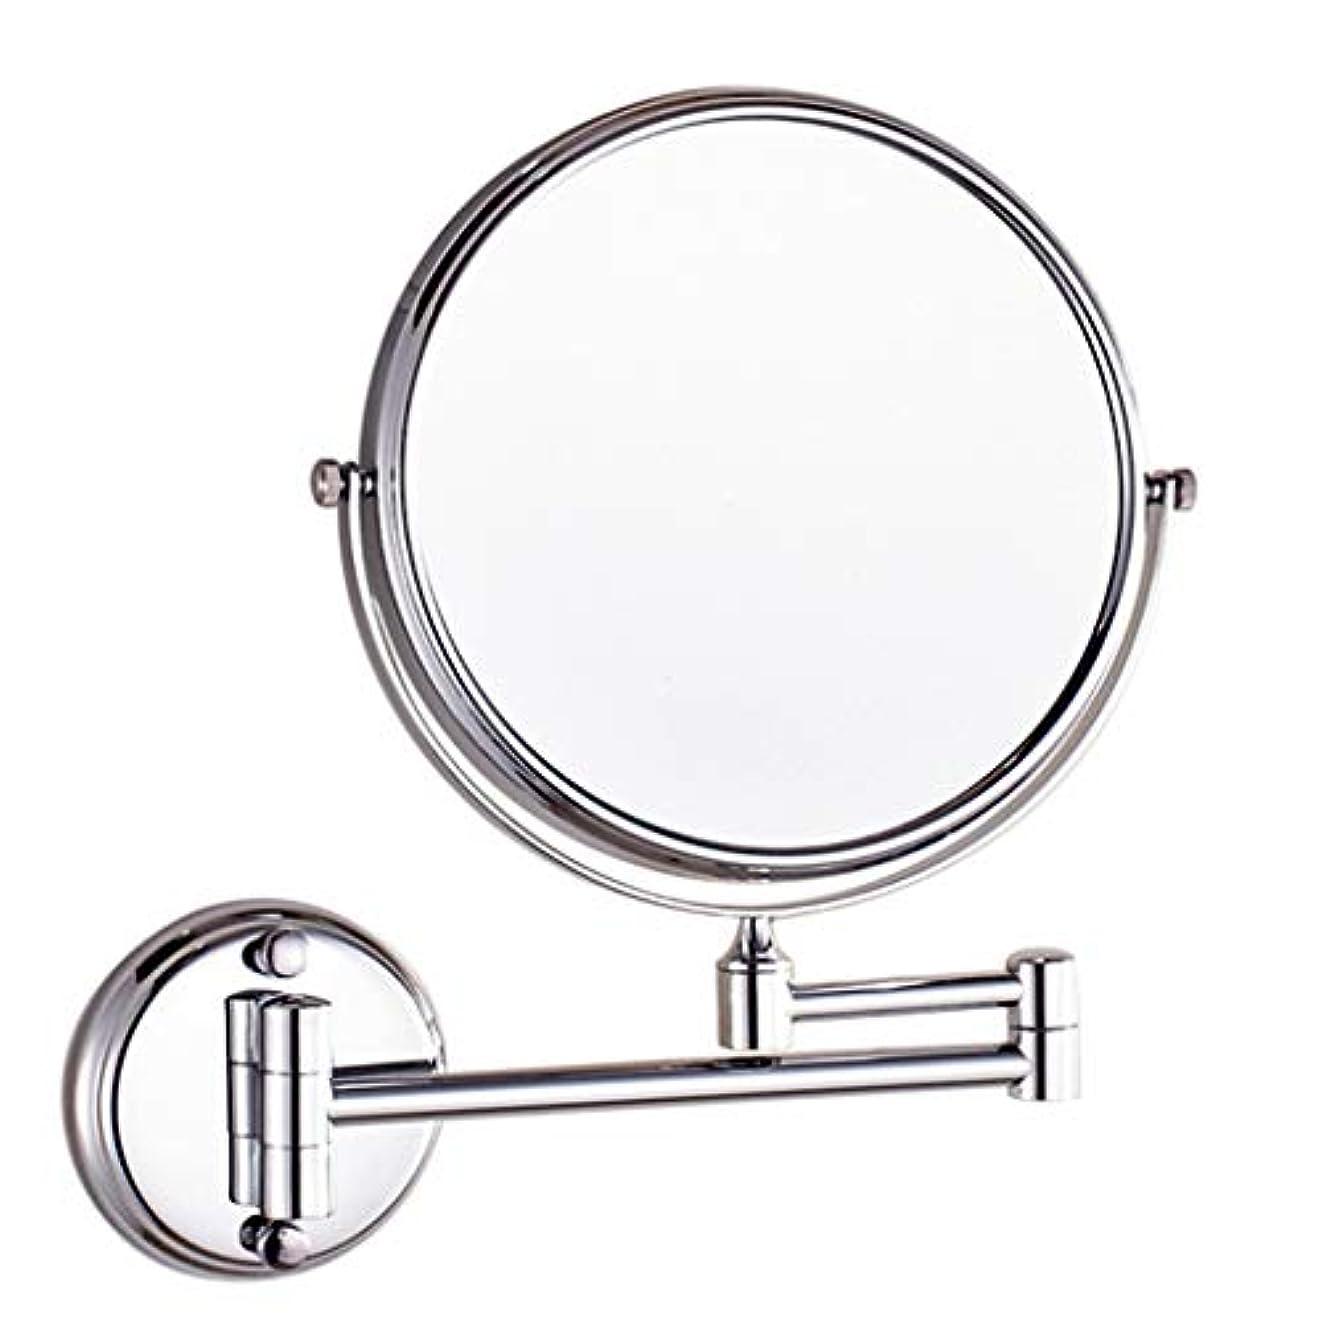 結核噂残基HUYYA シェービングミラー バスルームメイクアップミラー 壁付、バニティミラーラウンド3 倍拡大鏡 両面 化粧鏡 寝室や浴室に適しています,Silver_6inch